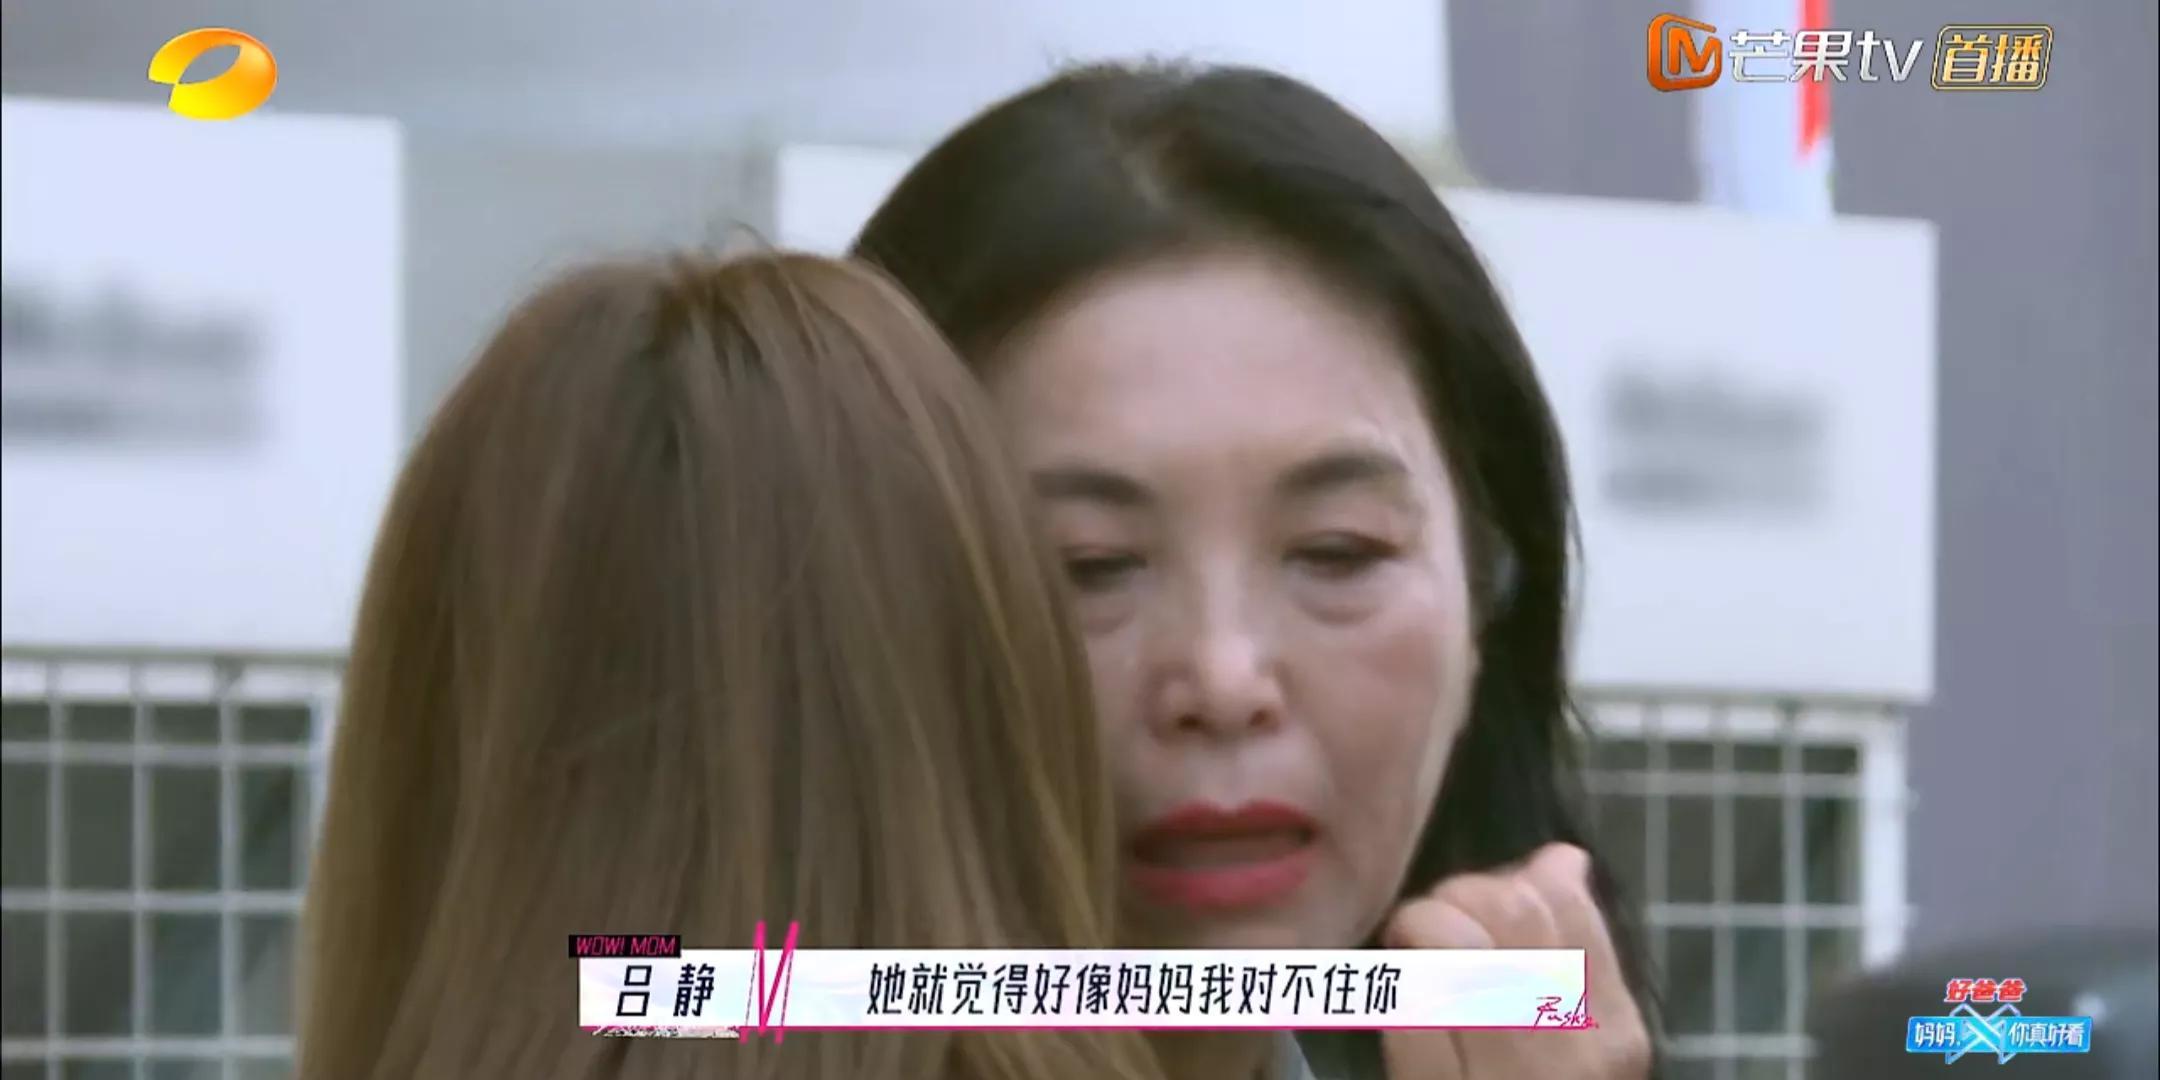 《妈妈,你真好看》吴昕再次让妈妈待定,张馨予妈妈 走台亮了